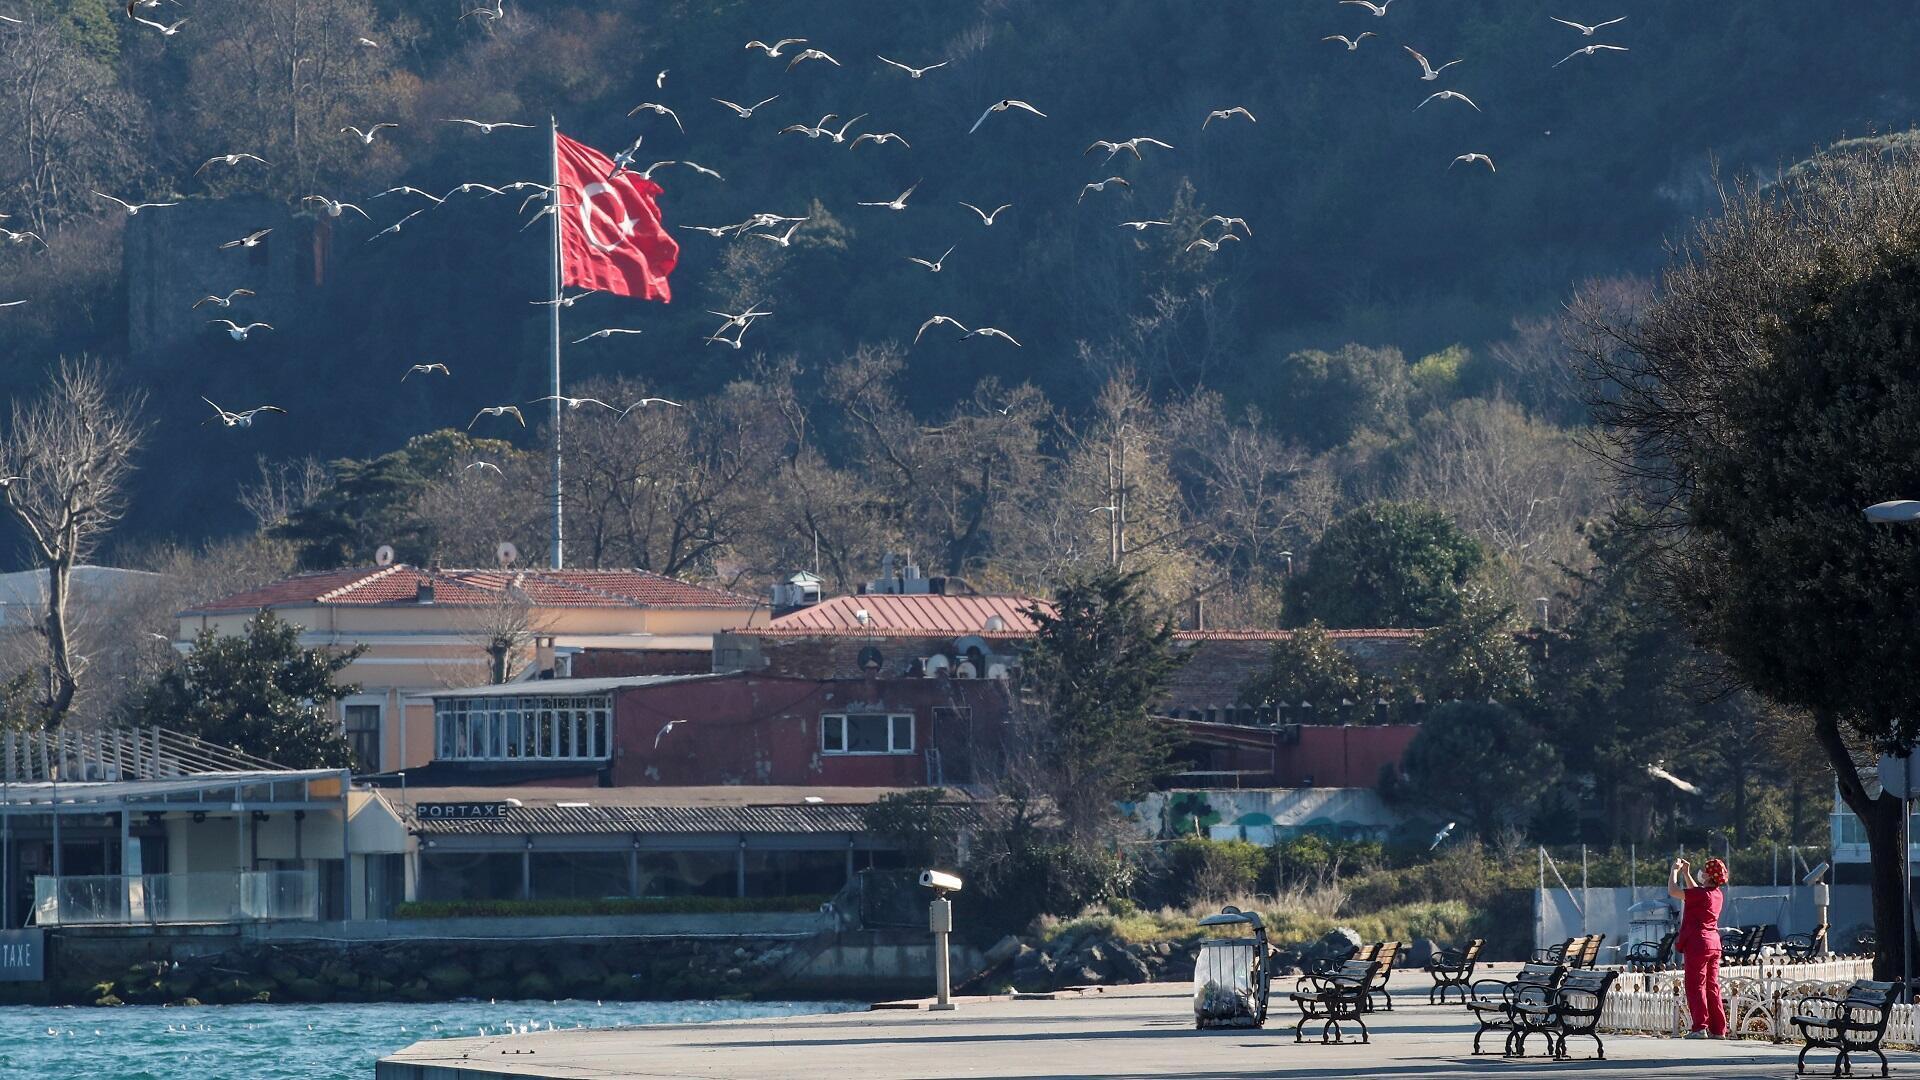 سيدة تصور النوارس في مدينة إسطنبول خلال فترة حظر للتجول لاحتواء تفشي فيروس كورونا، 12 أبريل/نيسان 2020.